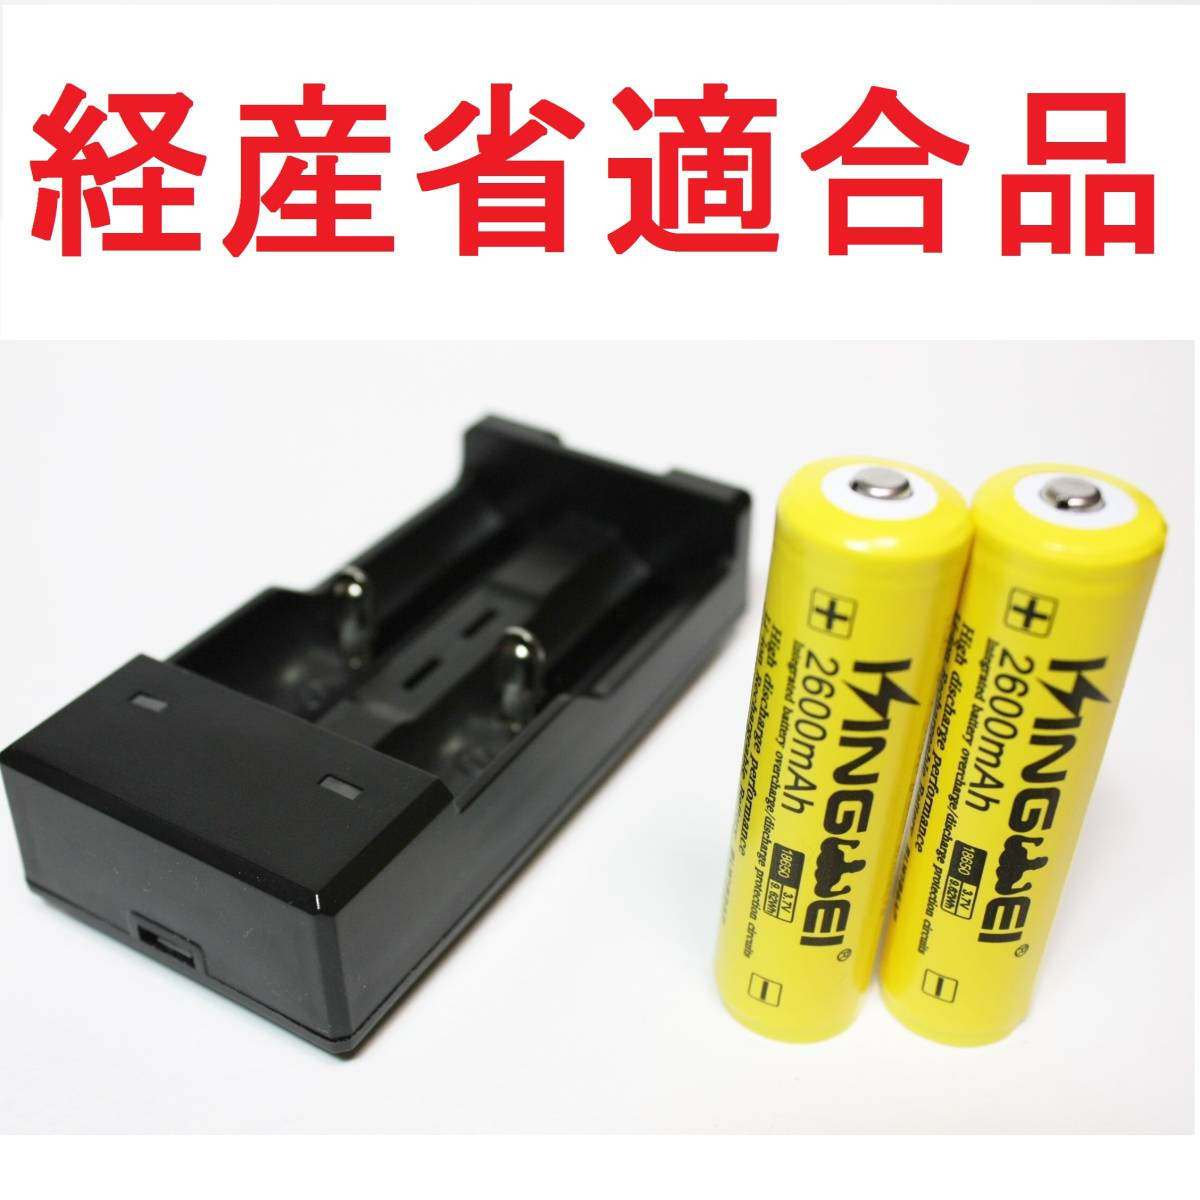 正規容量 18650 経済産業省適合品 リチウムイオン 充電池 2本 + 急速充電器 バッテリー 懐中電灯 ヘッドライト g04_画像1